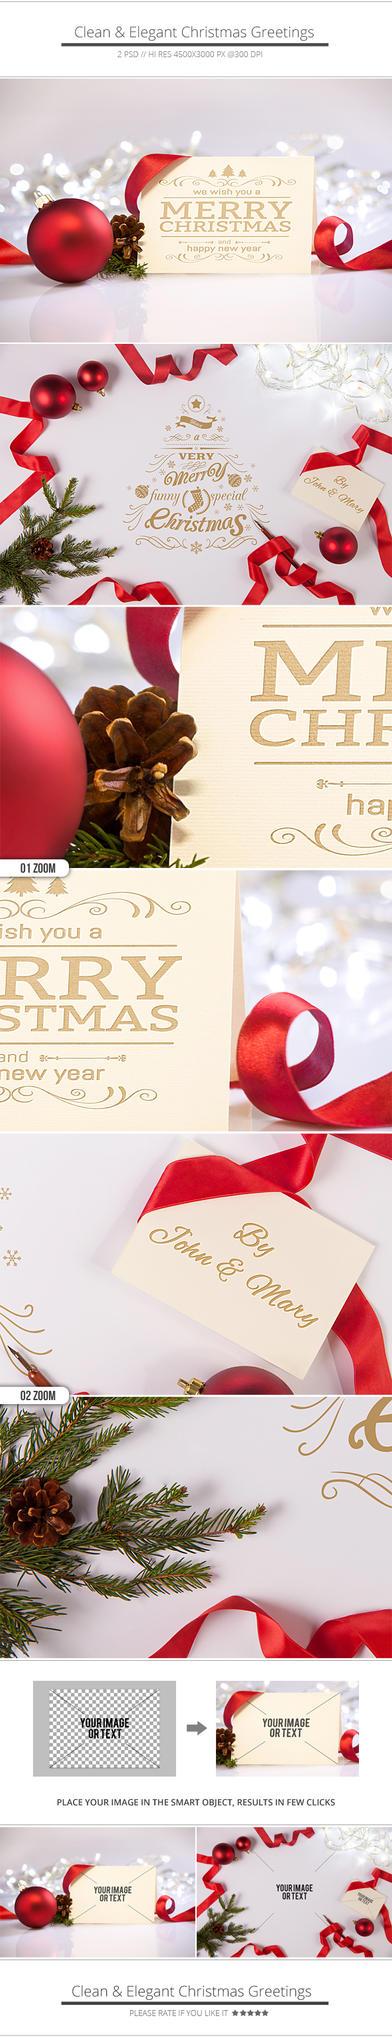 Clean and Elegant Christmas Greetings by NuwanP